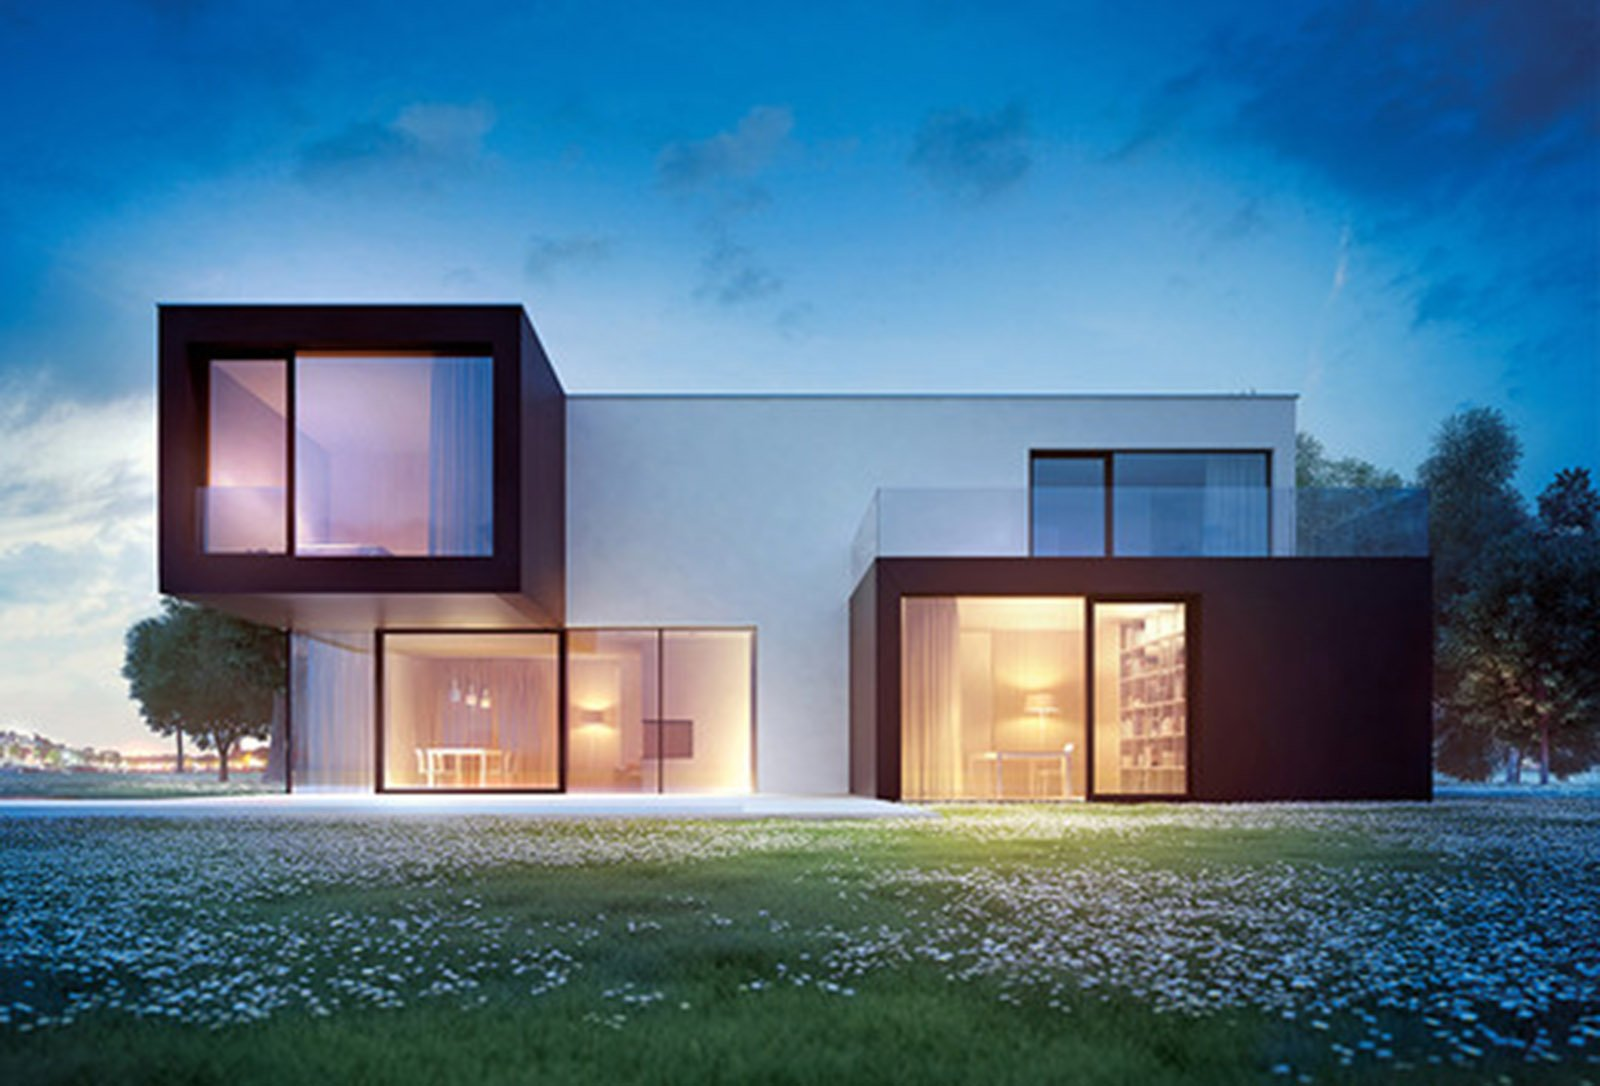 Bioarchitettura e case ecologiche prefabbricate in legno for Immagini design